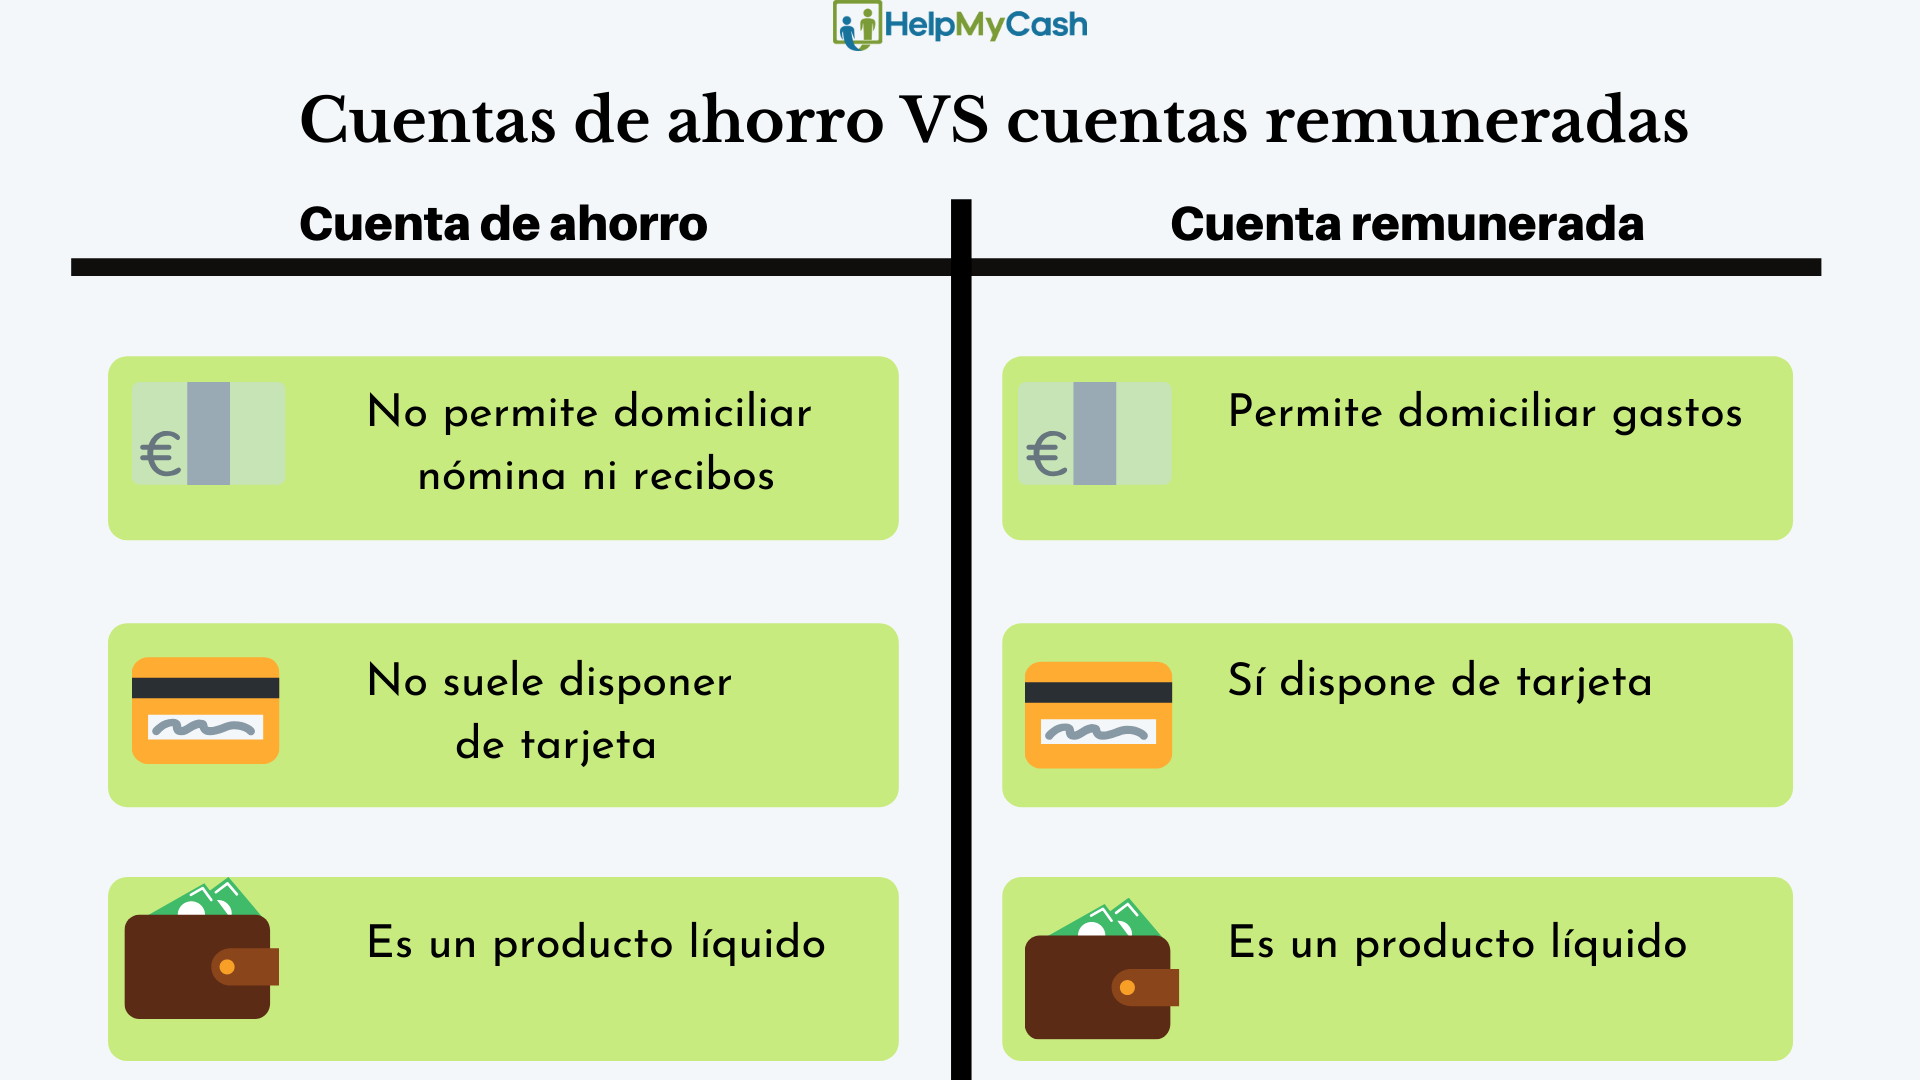 diferencias entre una cuenta remunerada y una cuenta ahorro